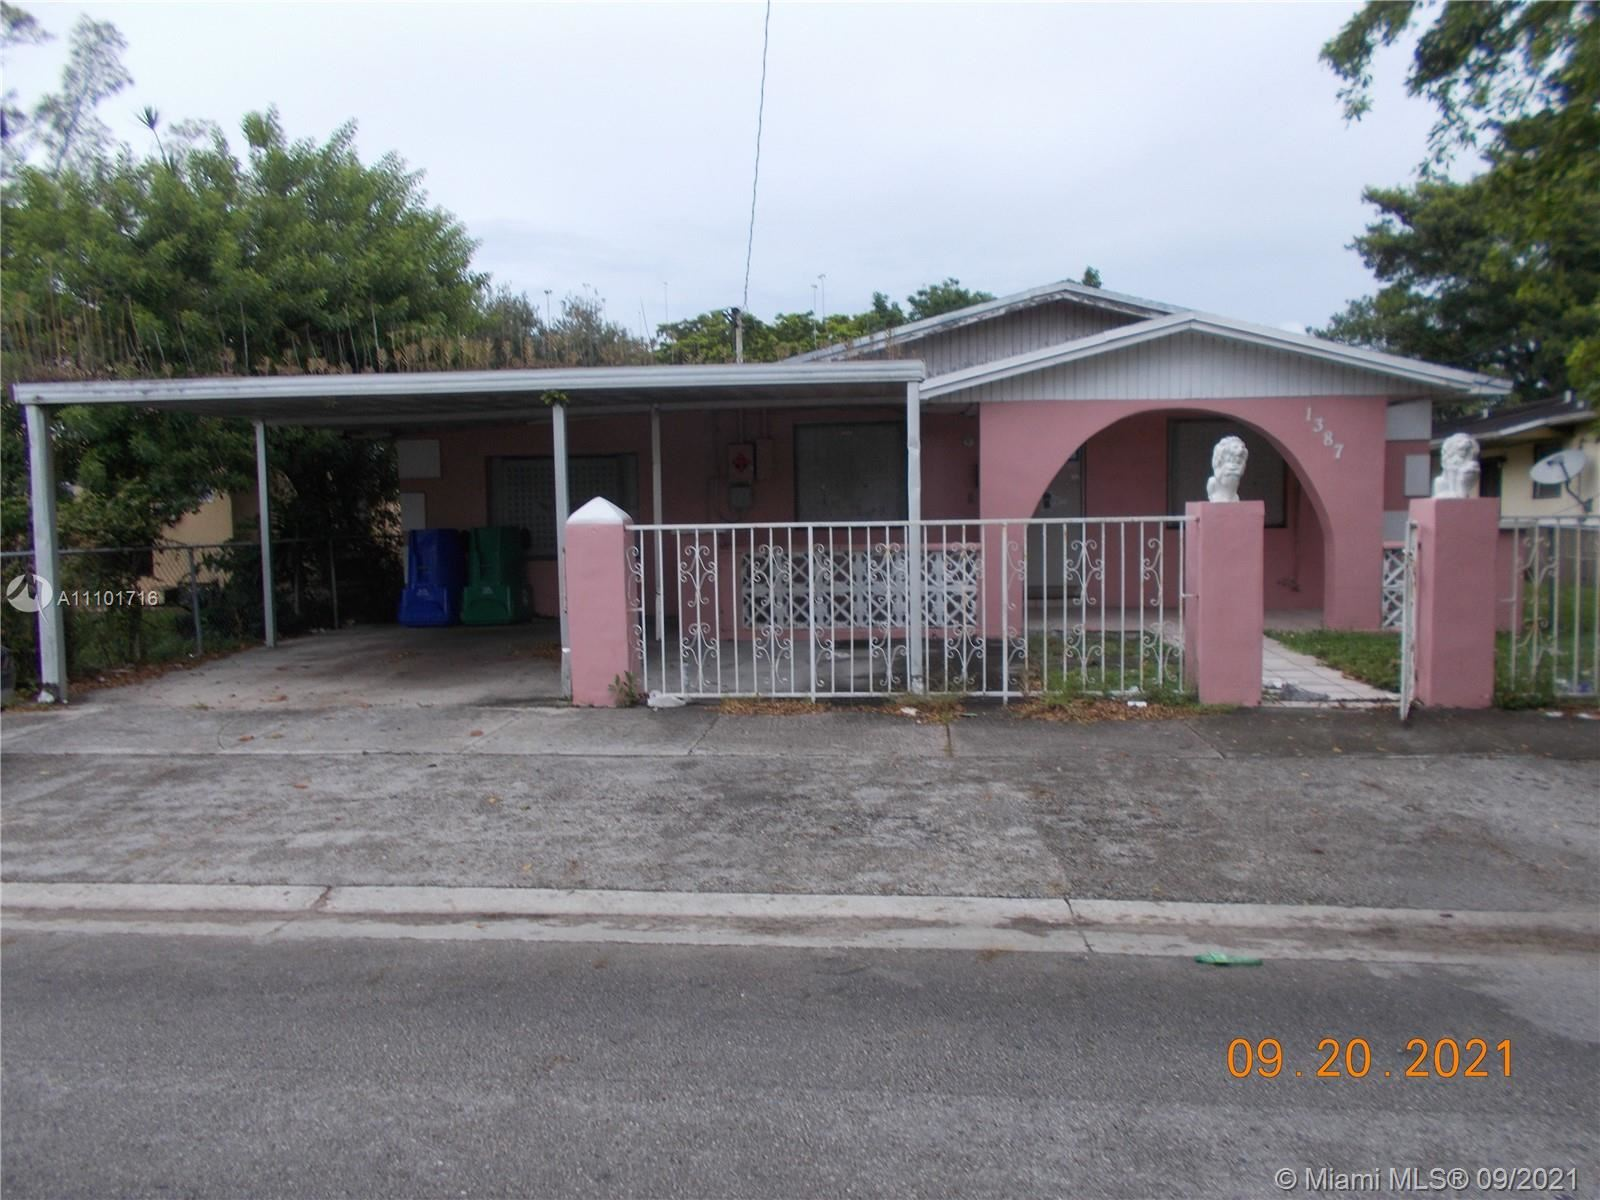 1387 NW 58th St, Miami, FL 33142 - #: A11101716